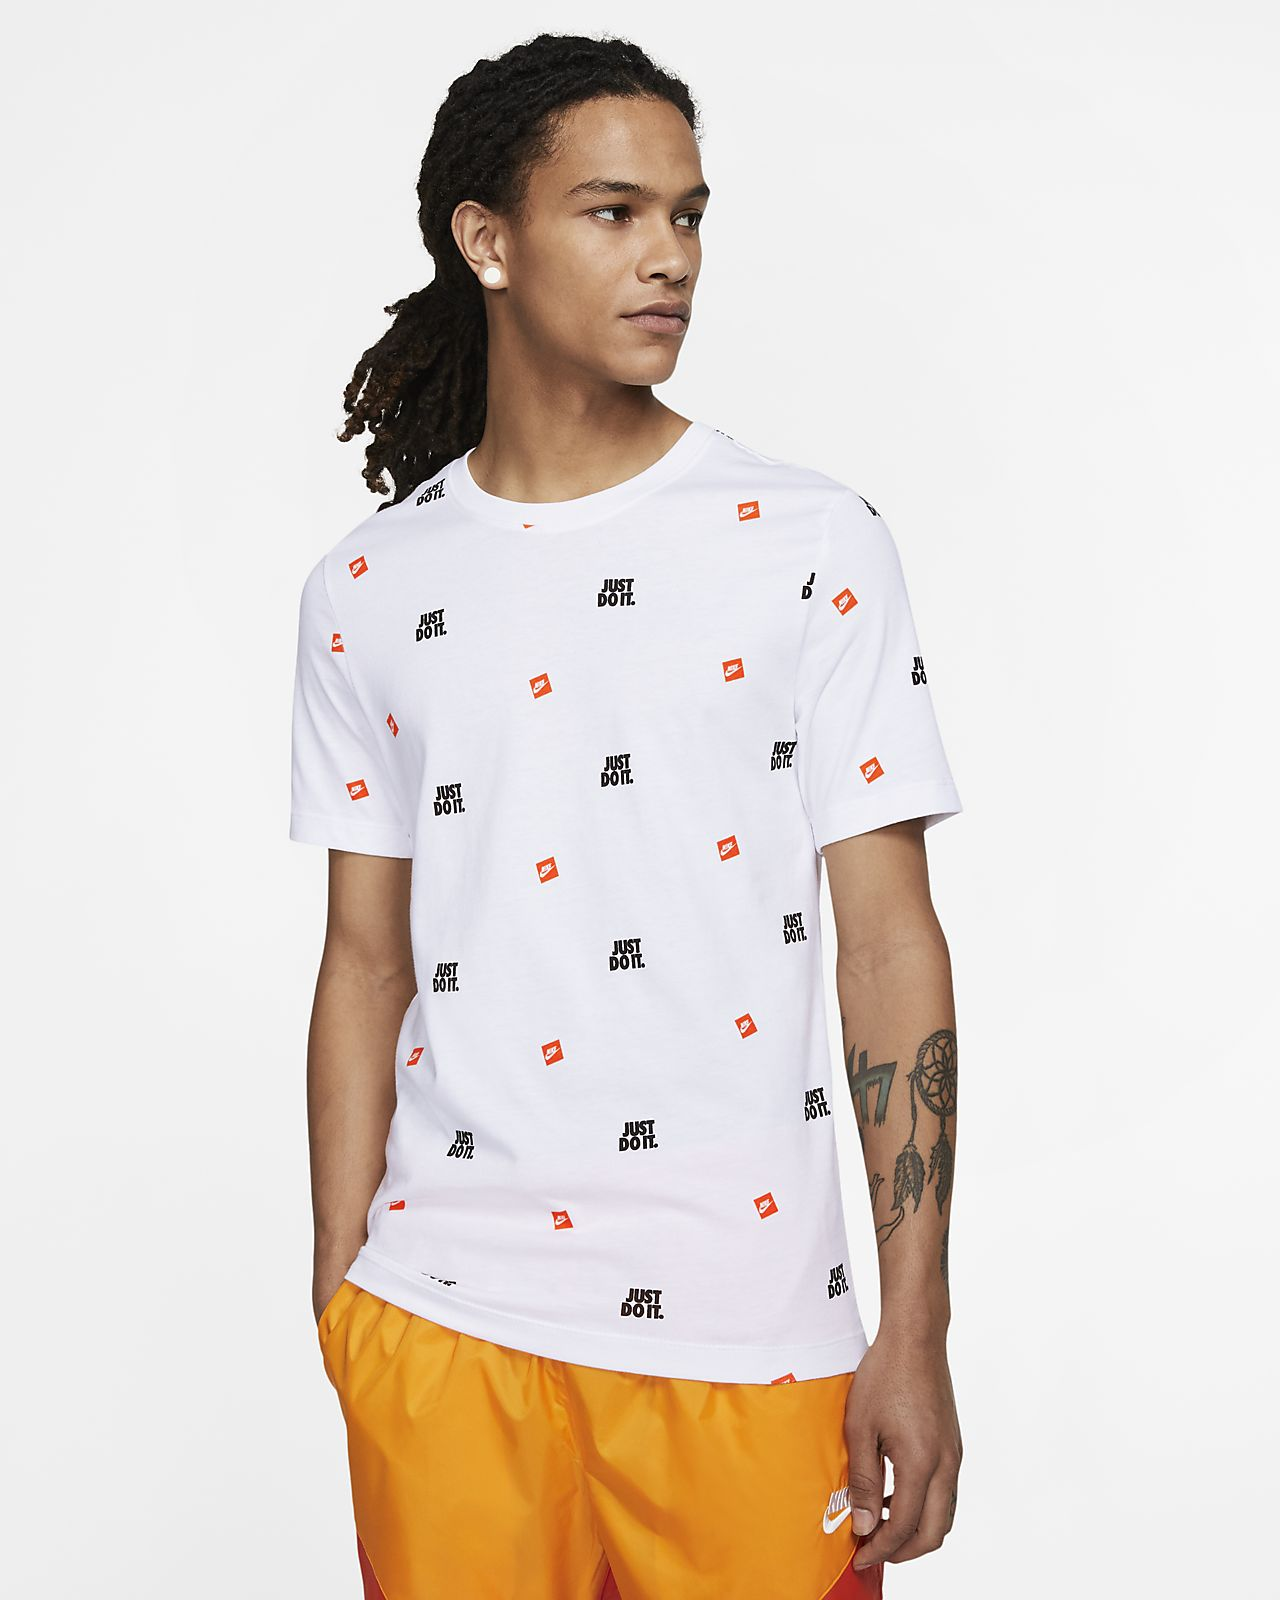 ナイキ スポーツウェア JDI メンズ Tシャツ